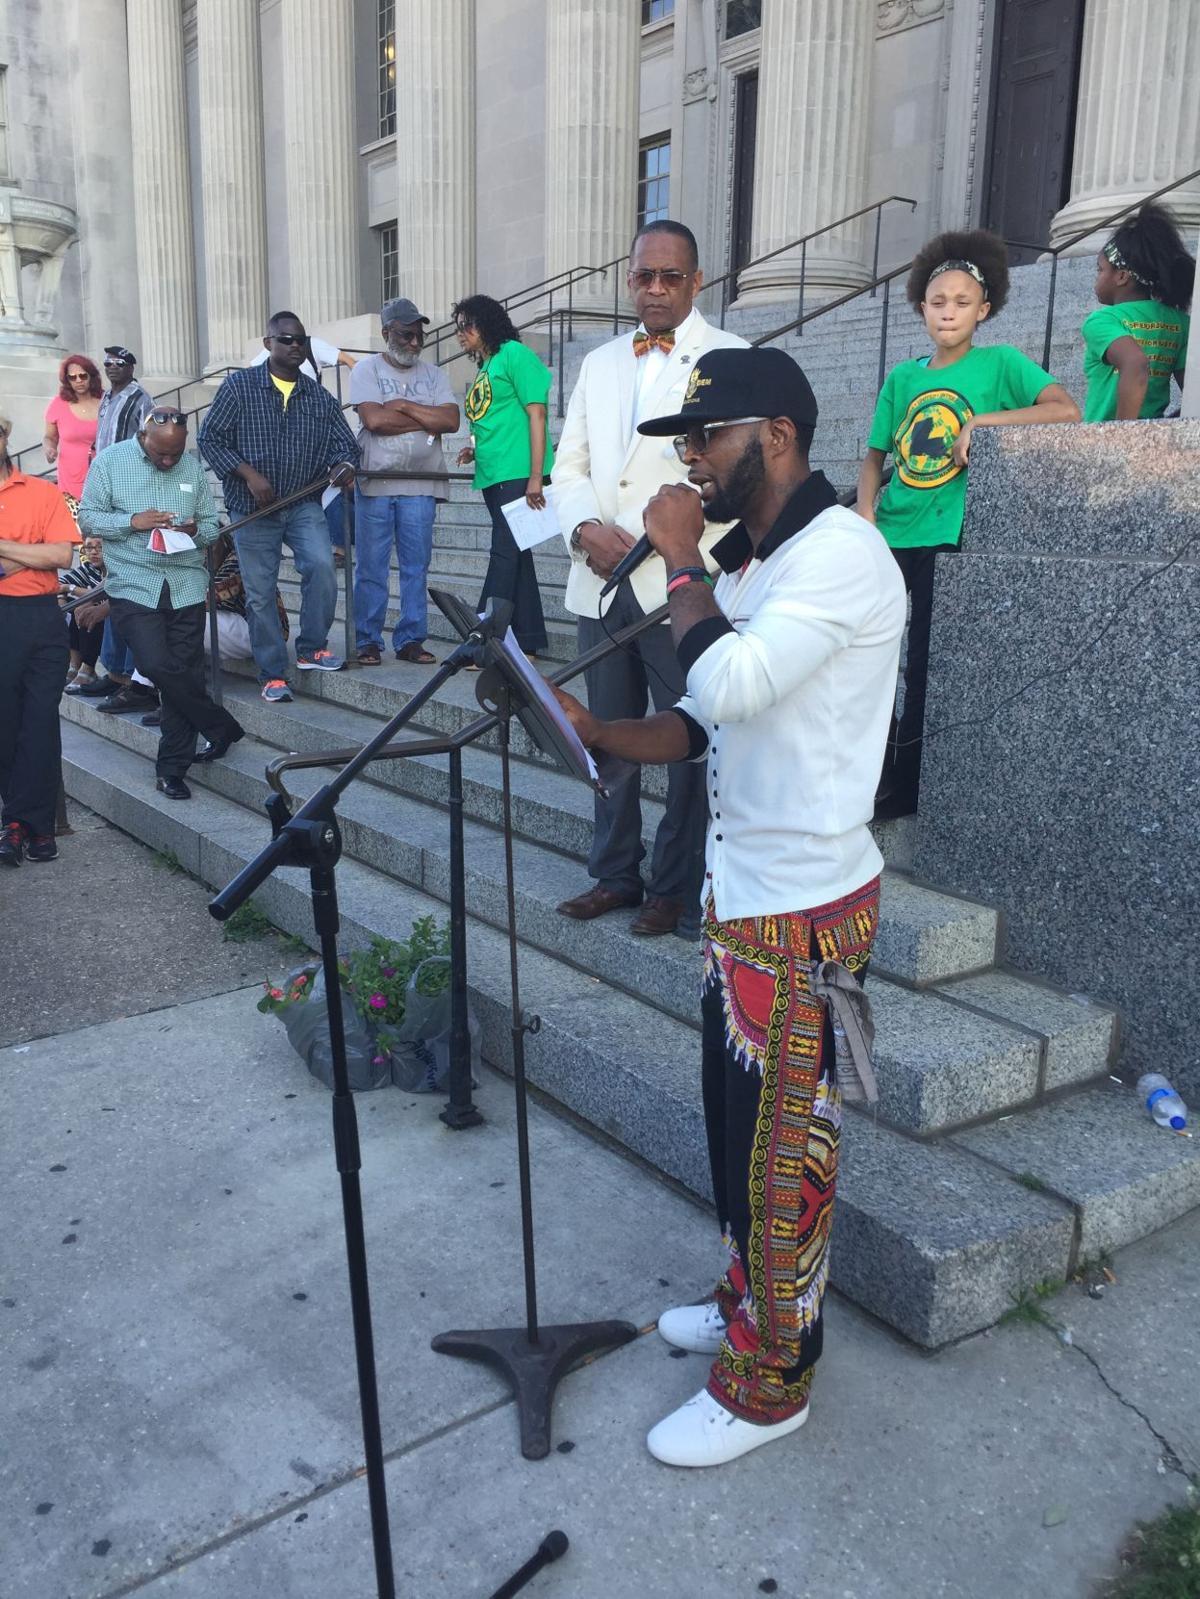 Jerome Morgan at DA protest